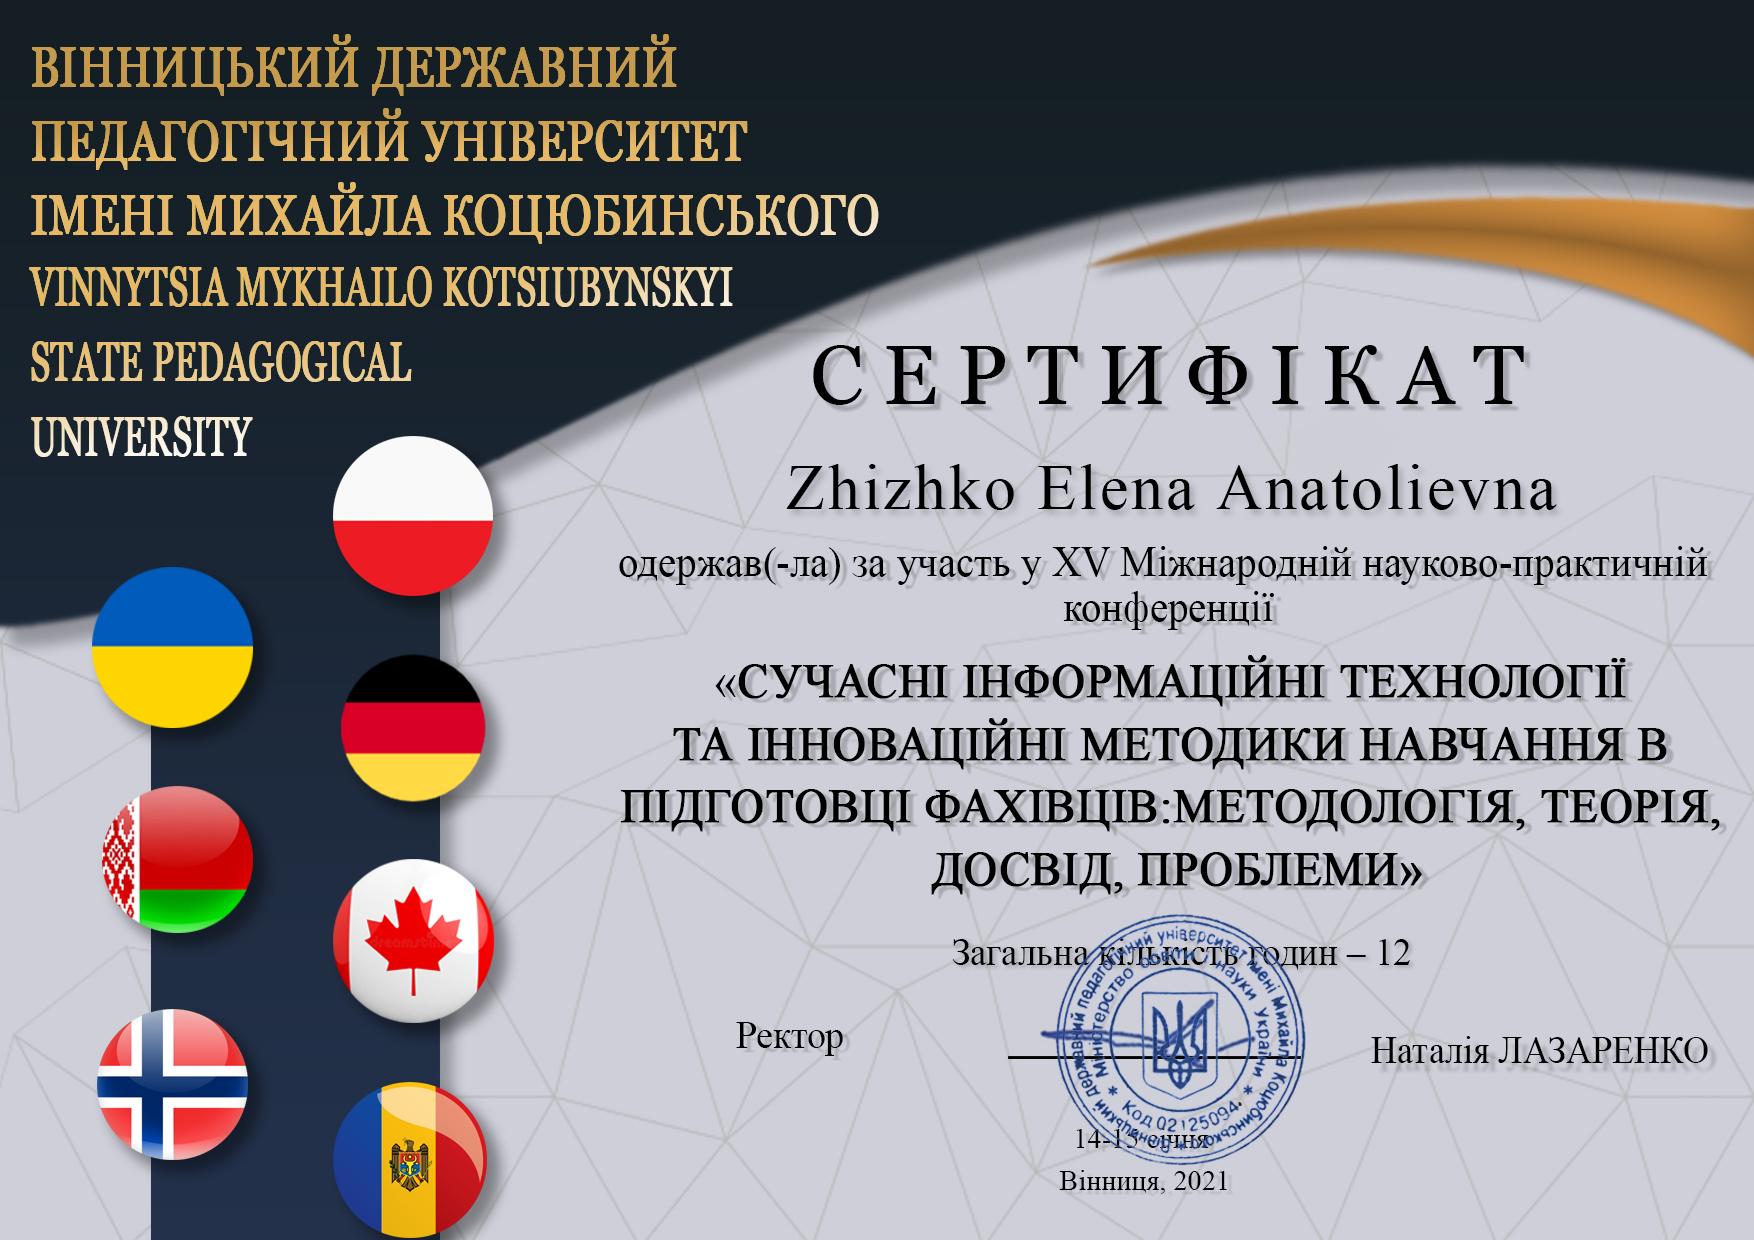 Zhizhko Elena Anatolievna